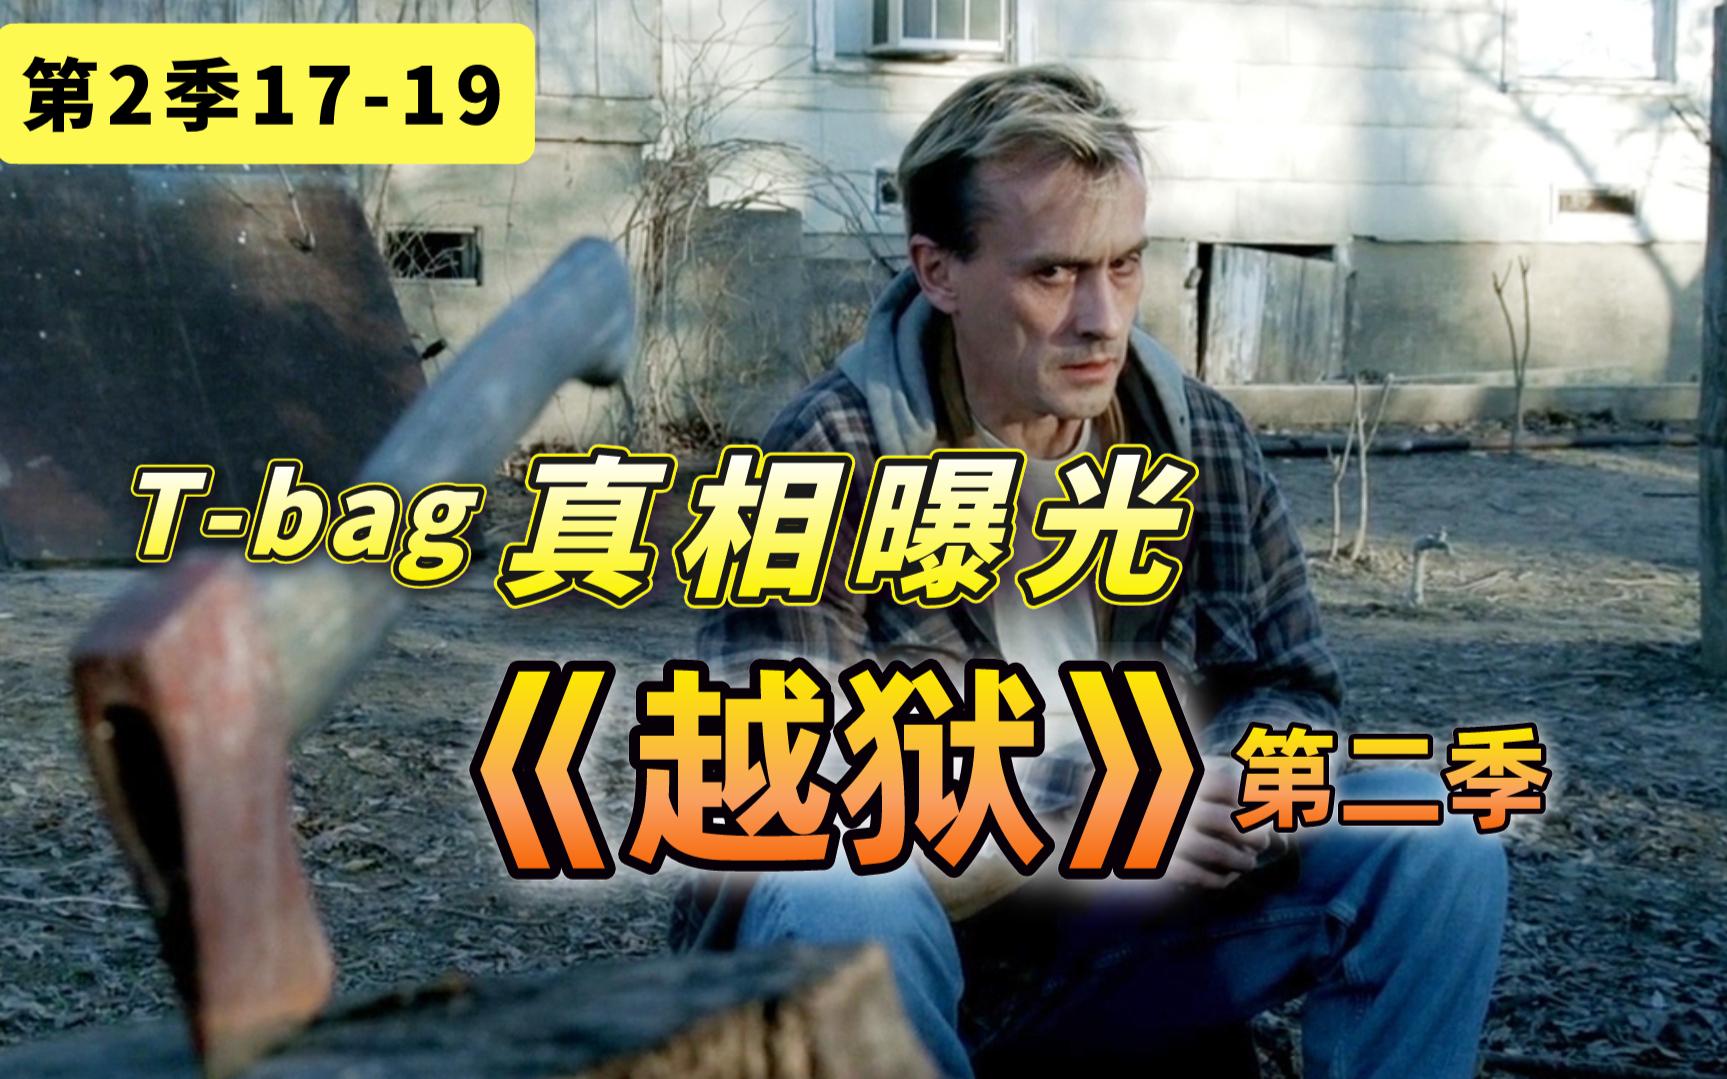 【阿斗】真相曝光!这才是导致T-bag误入歧途的罪魁祸首!美剧《越狱》第二季17-19